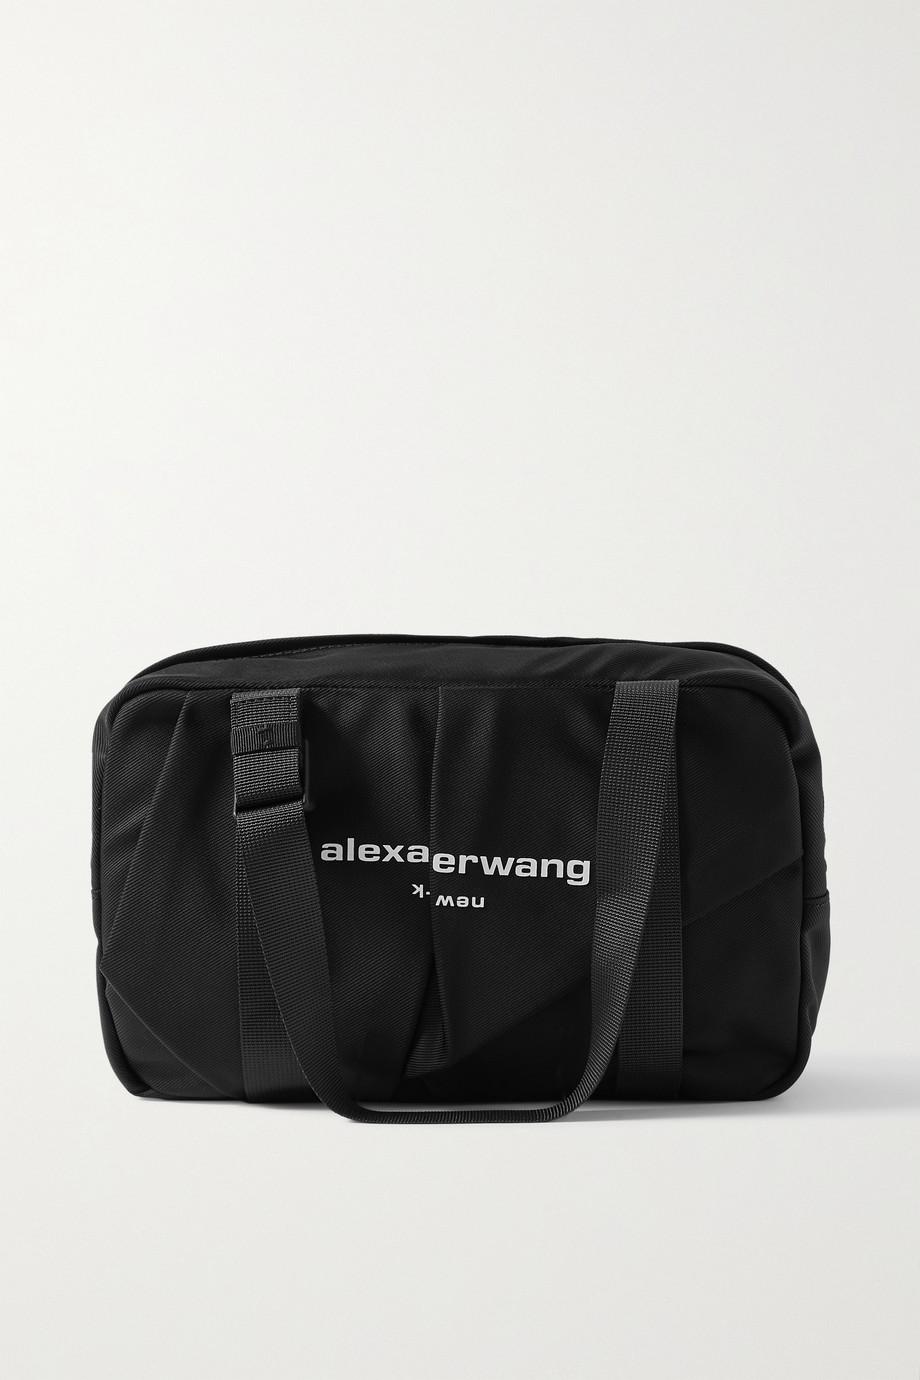 Alexander Wang Wangsport medium ruched printed nylon tote